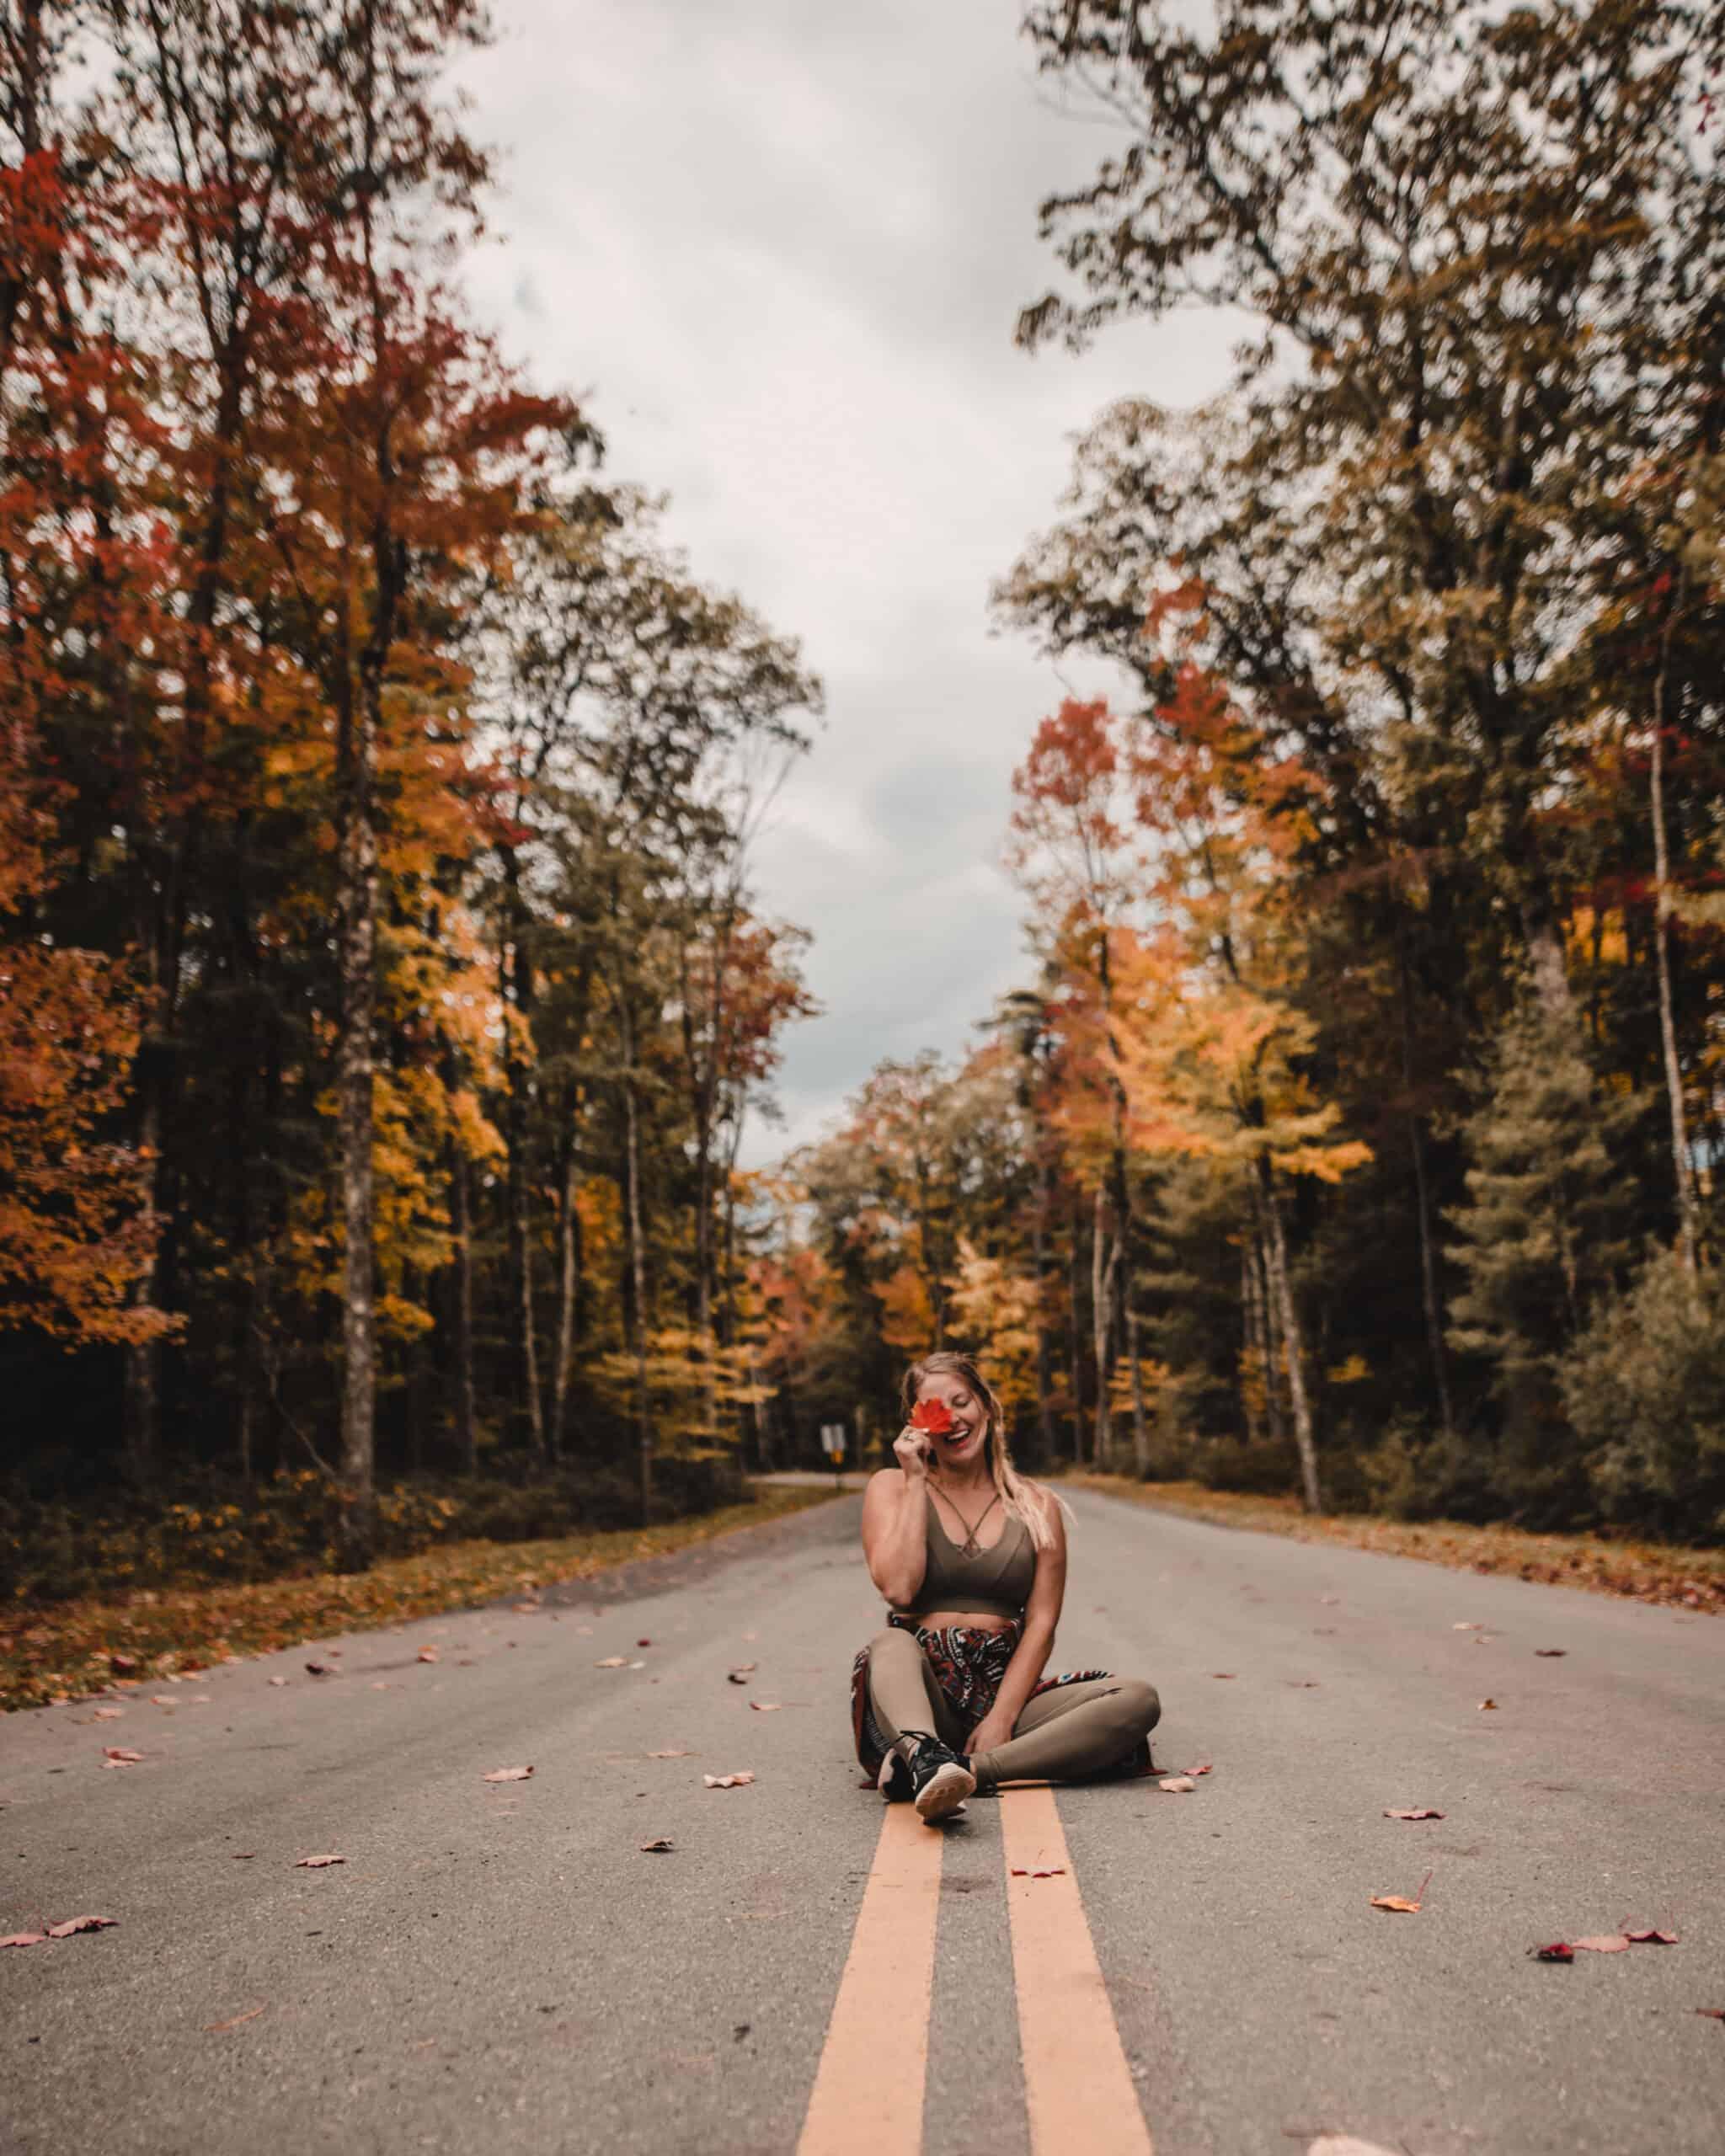 Hiking in Minnewaska State Park